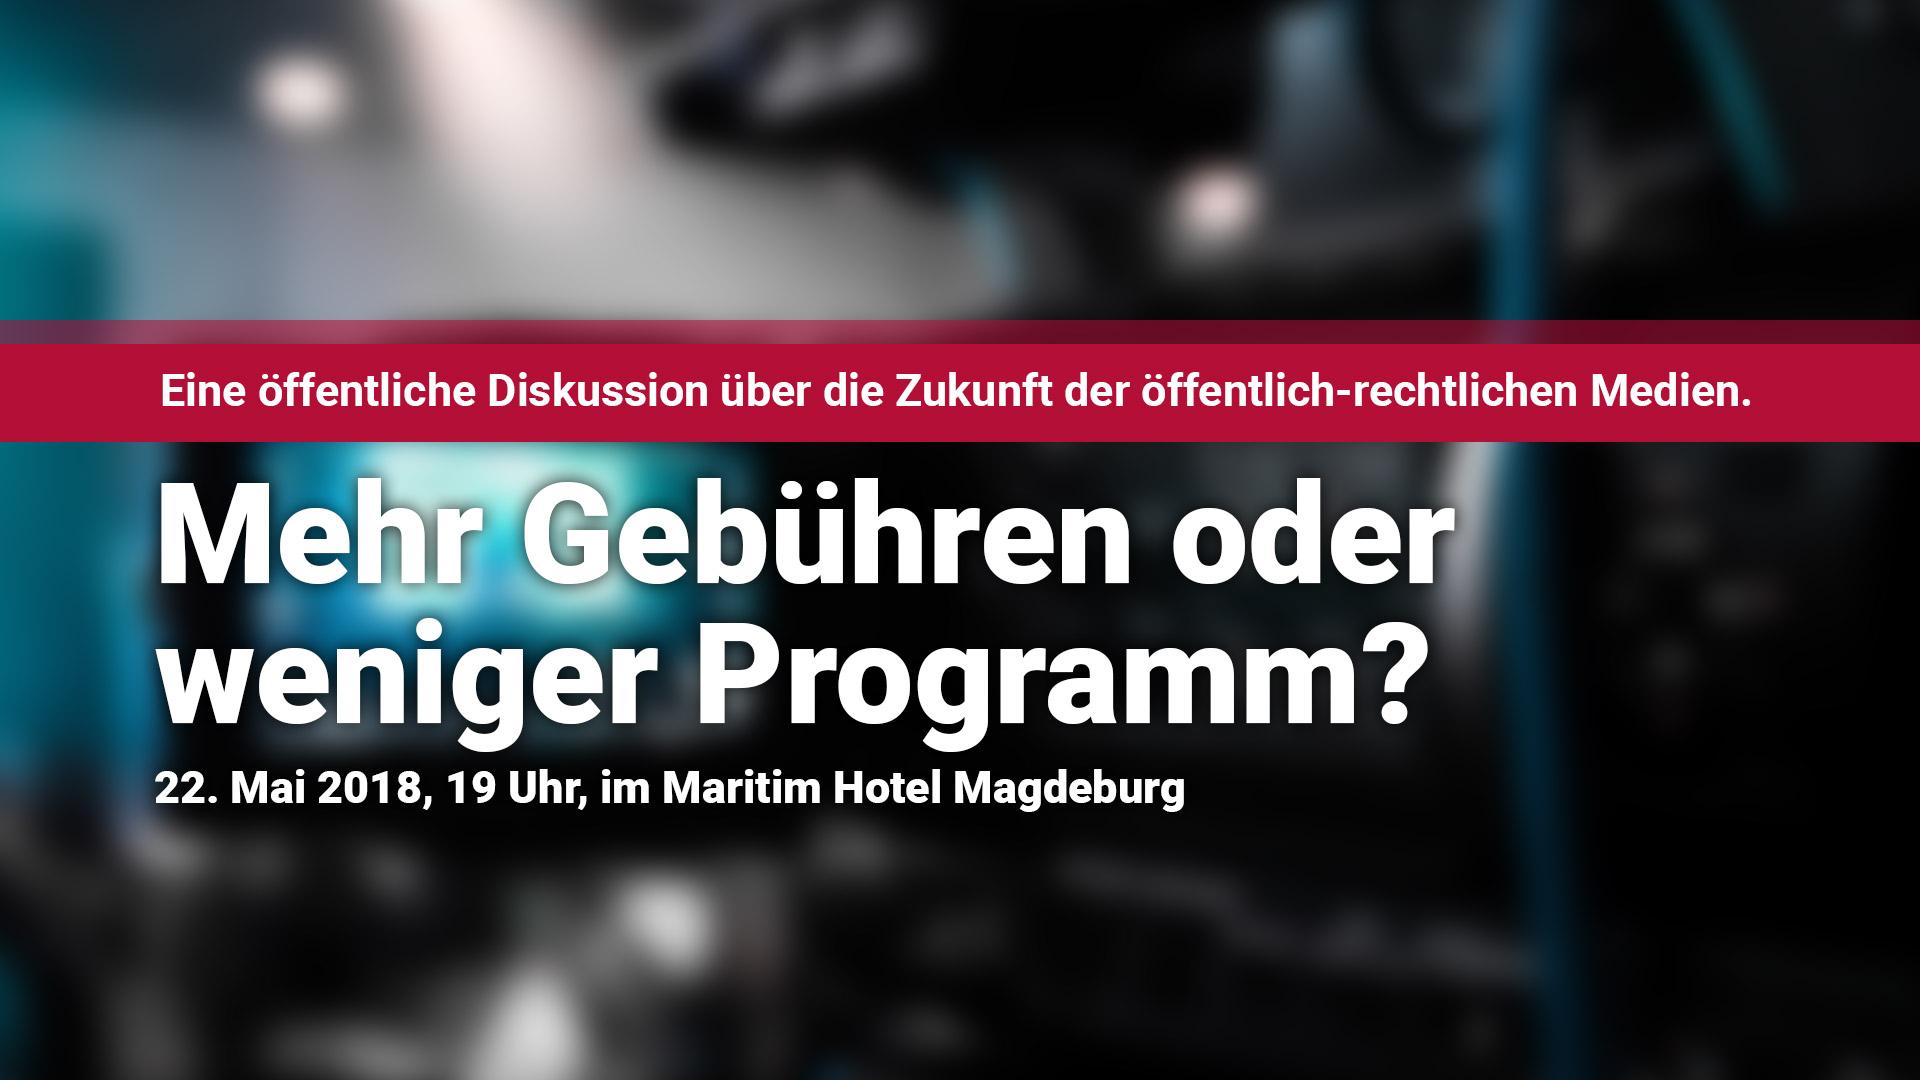 Öffentliche Diskussion über die Zukunft der öffentlich-rechtlichen Medien - Mehr Gebühren oder weniger Programm?